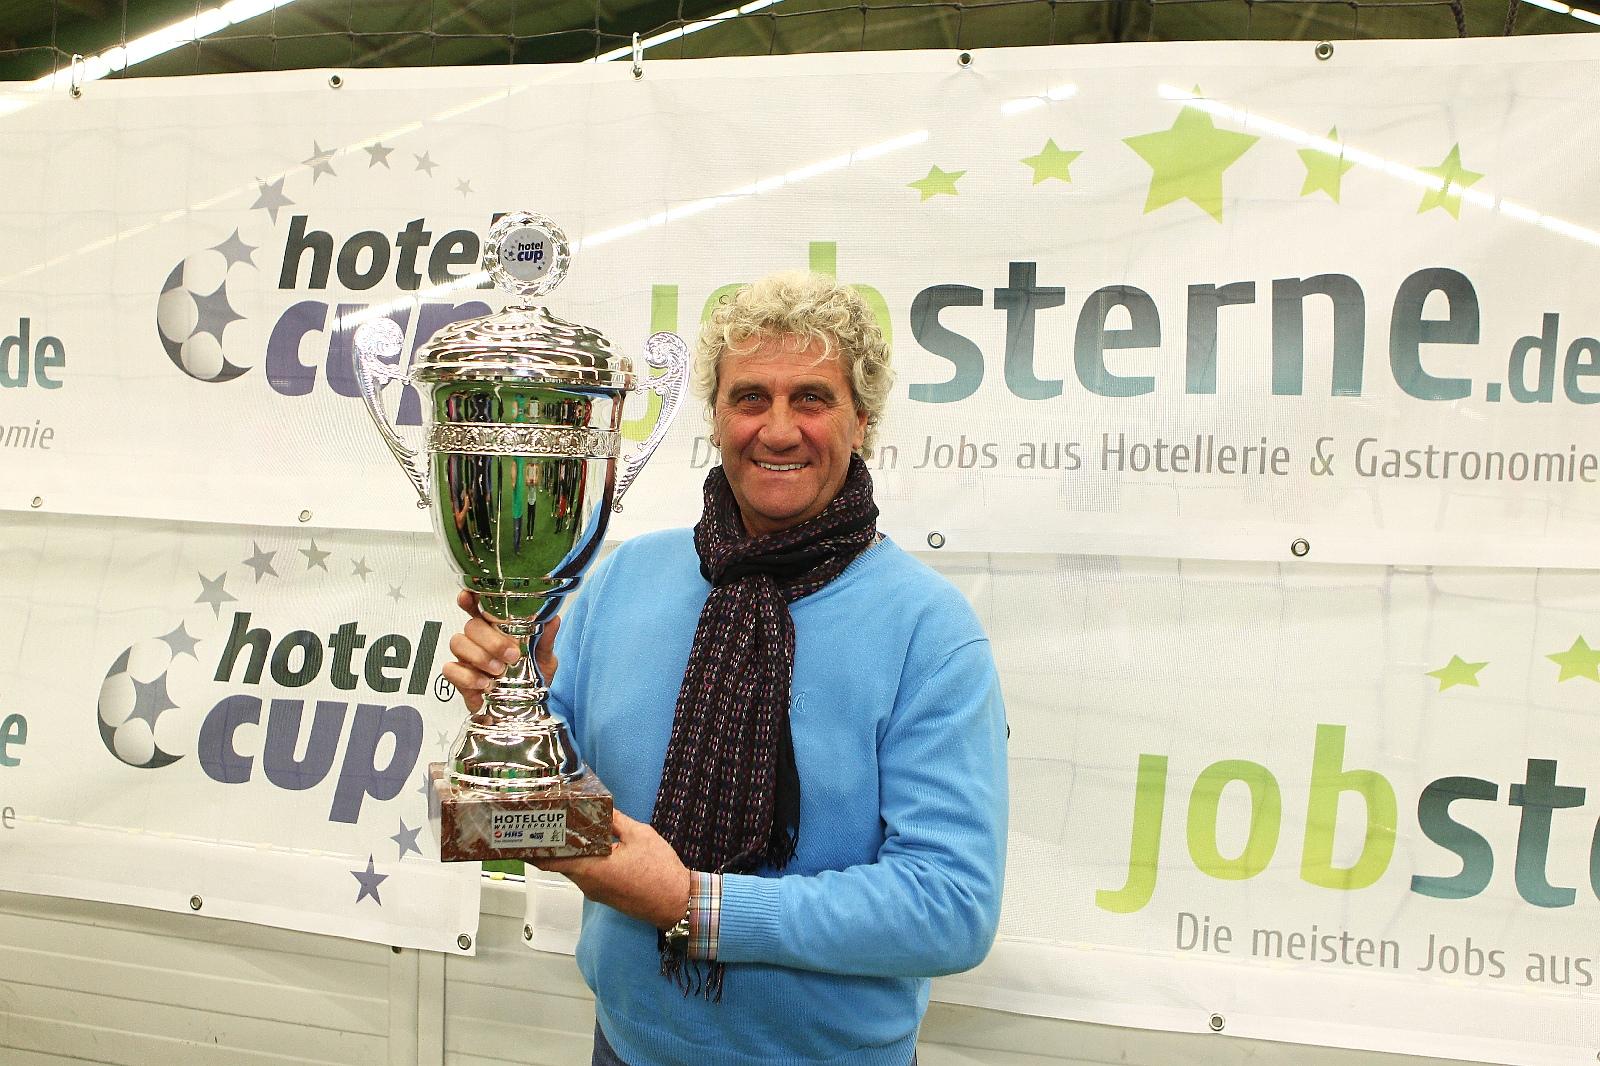 Schirmherr des Hotelcup 2012: Torwartlegende Jean-Marie Pfaff (Foto: Philipp Schäffer)